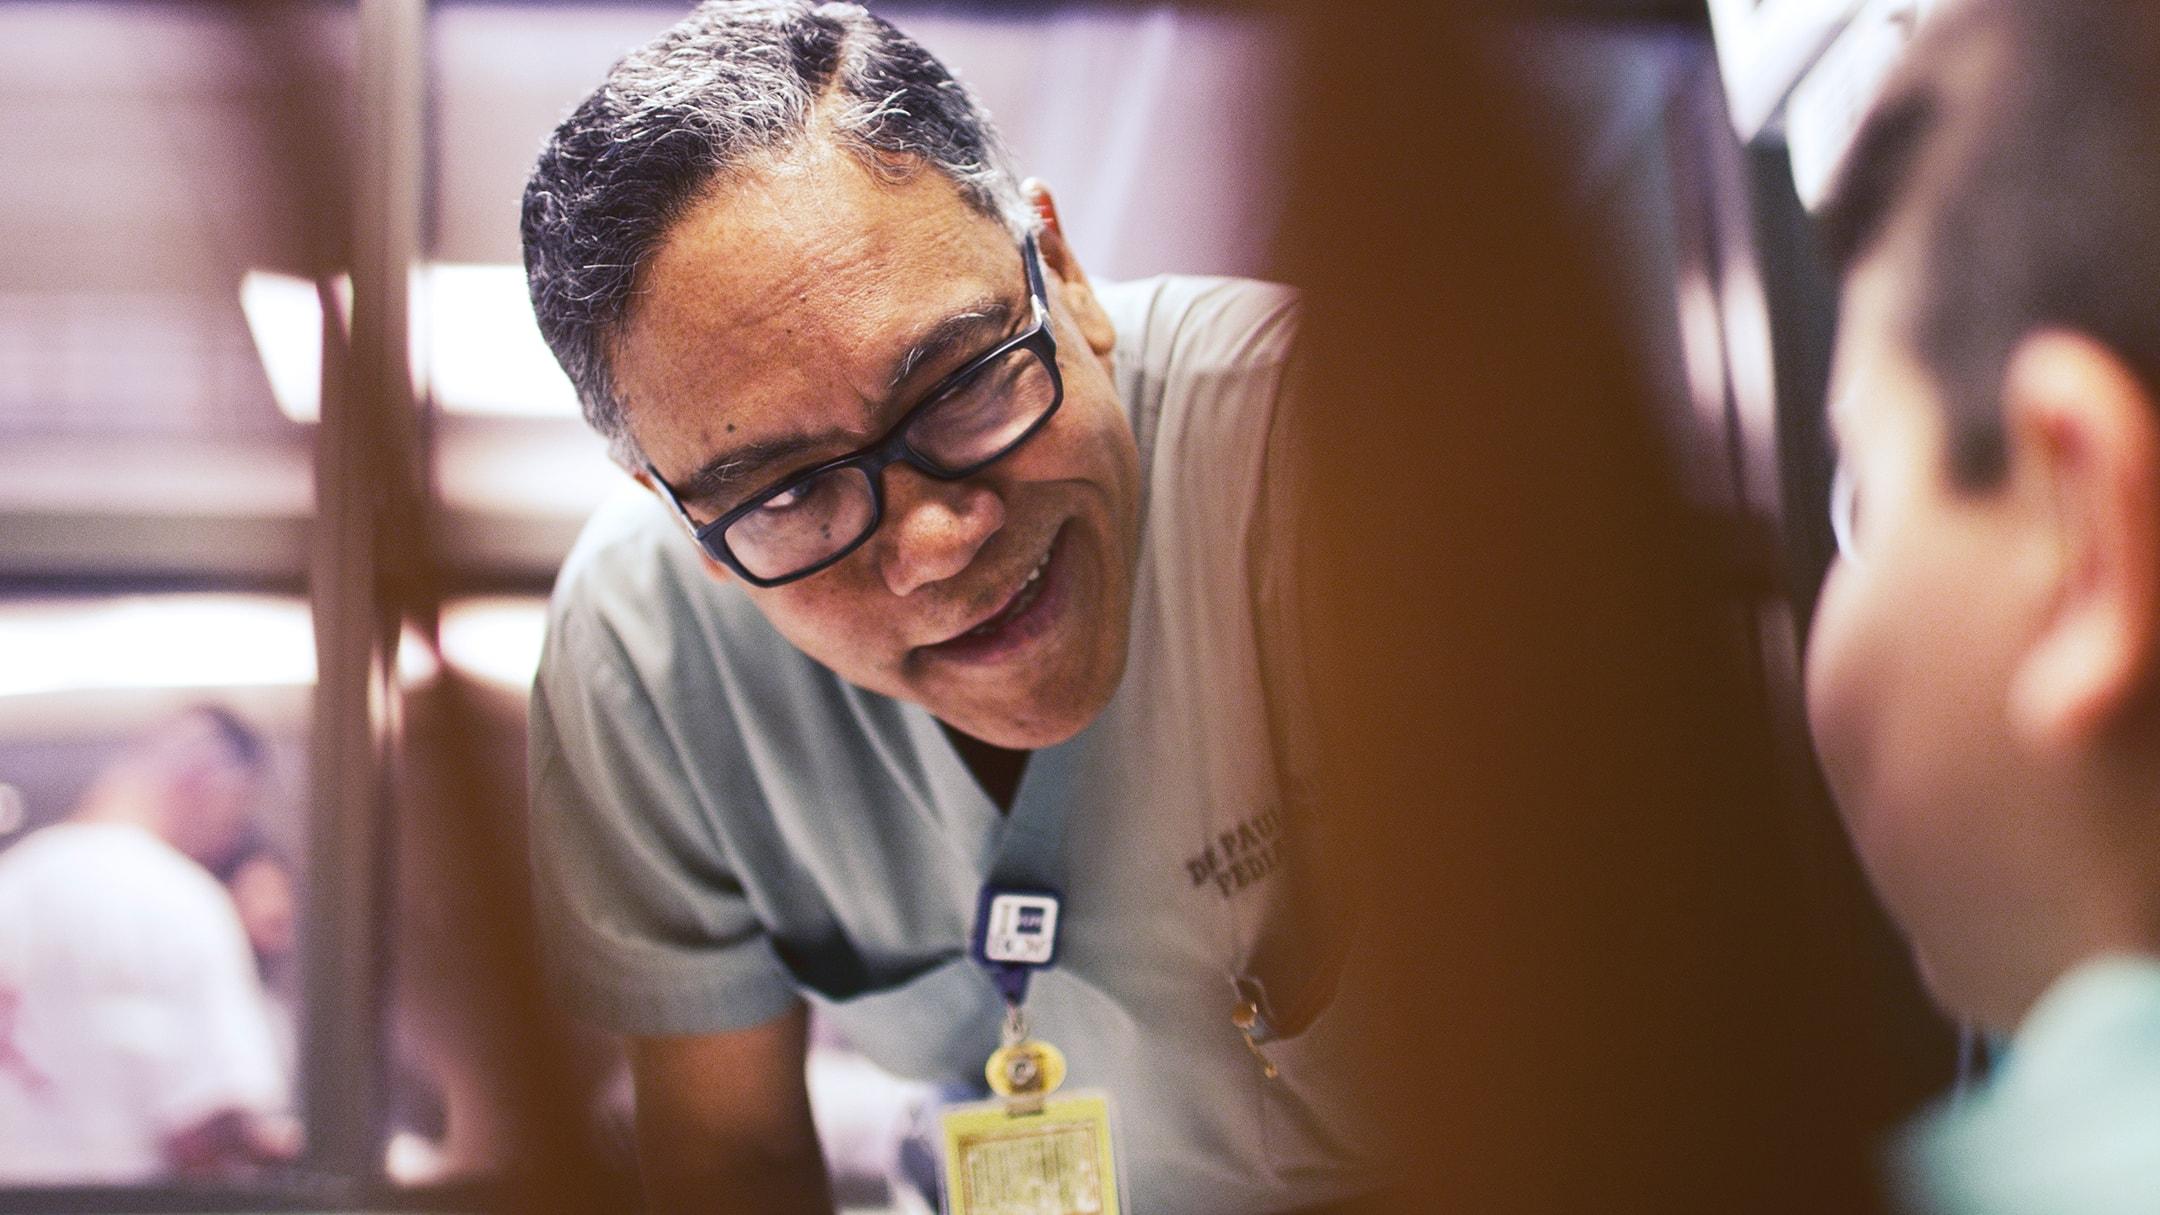 Texas Children's Hospital doctor.